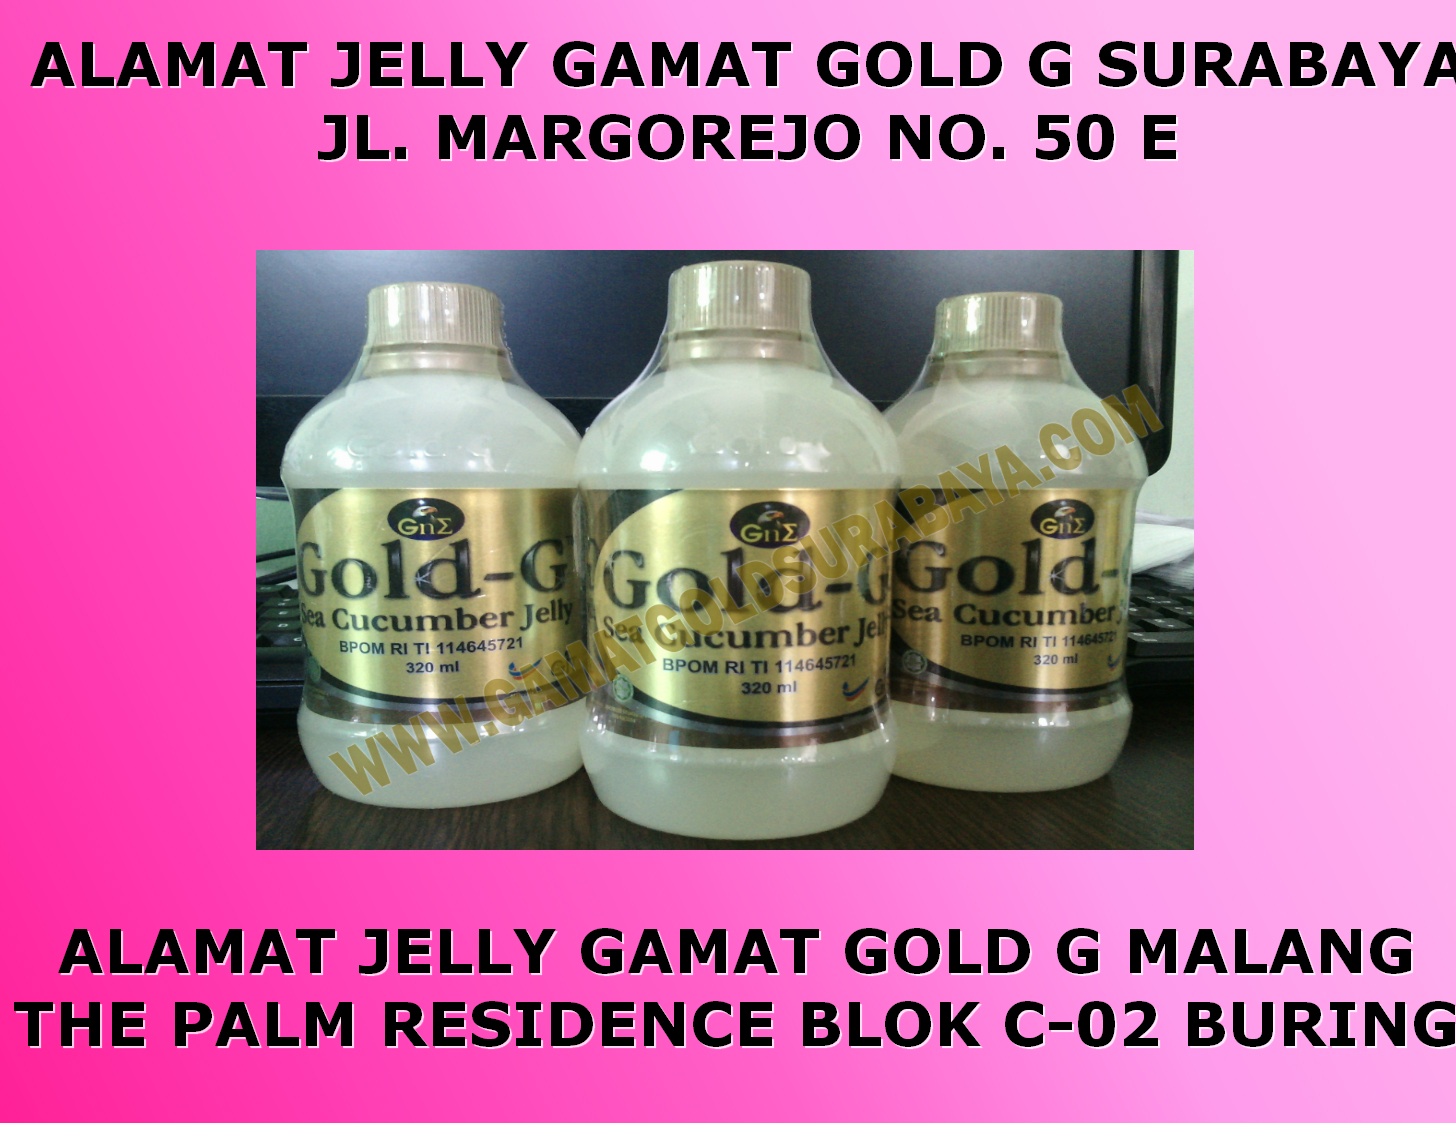 apotek penjual titan gel jelly gamat malang apotik penjual shop